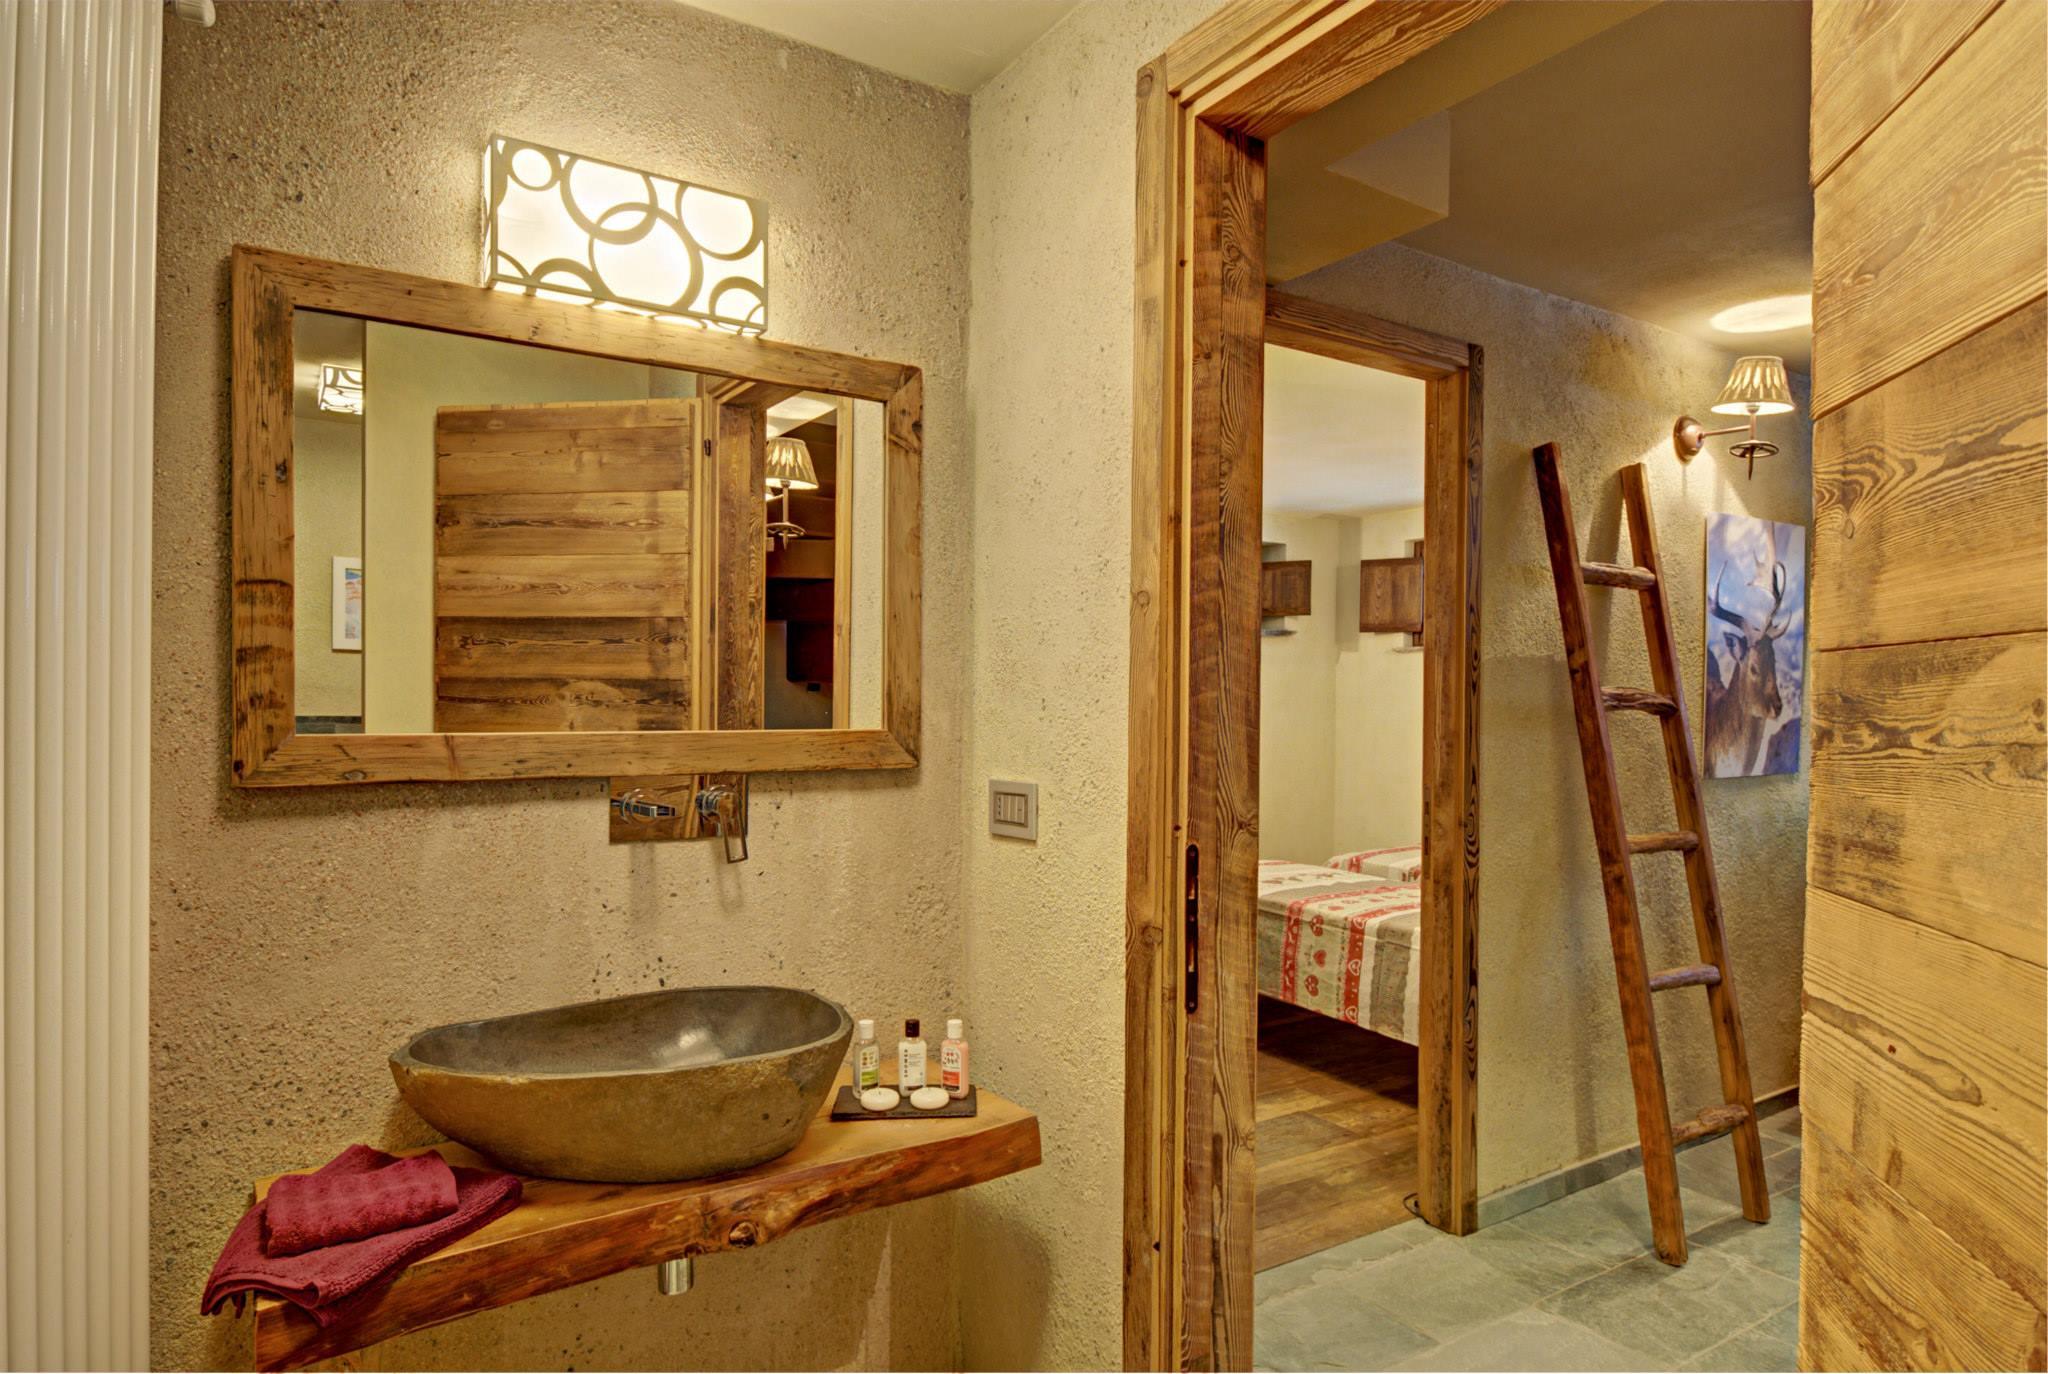 Pisos Para Baño Rusticos:Diseño de interiores rústico uso de madera y piedra